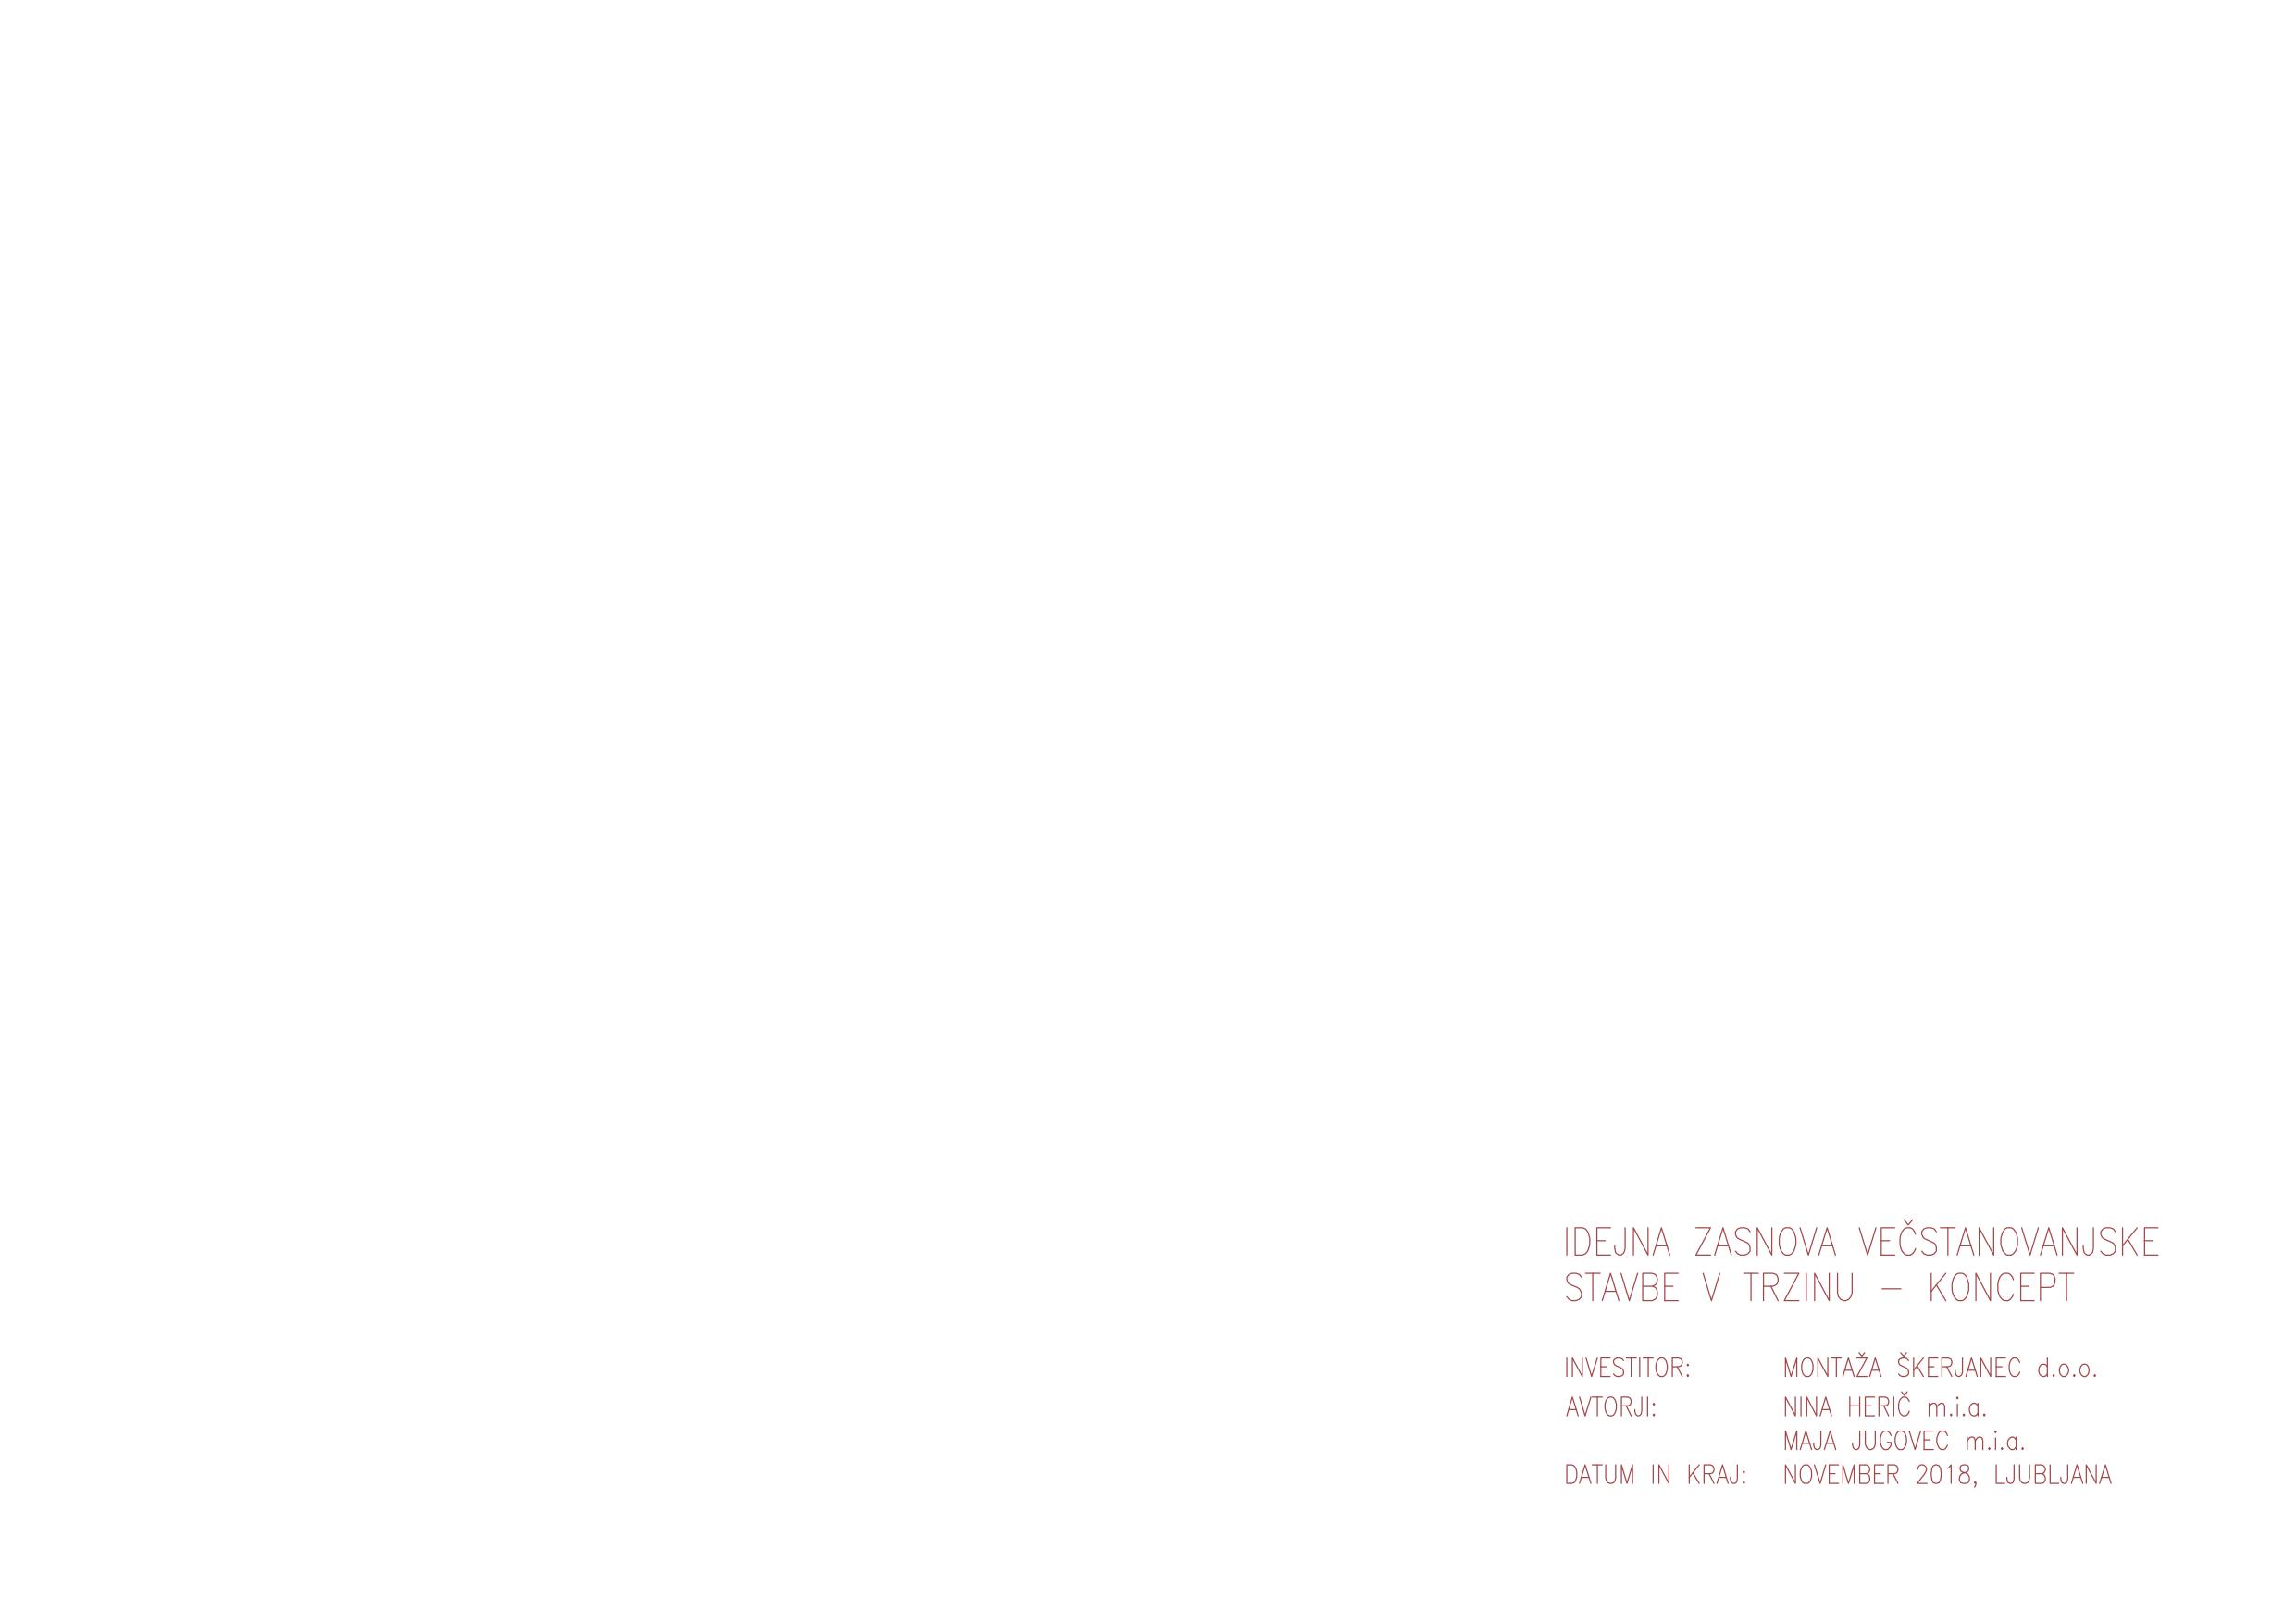 Idejna zasnova večstanovanjske stavbe v Trzinu – koncept